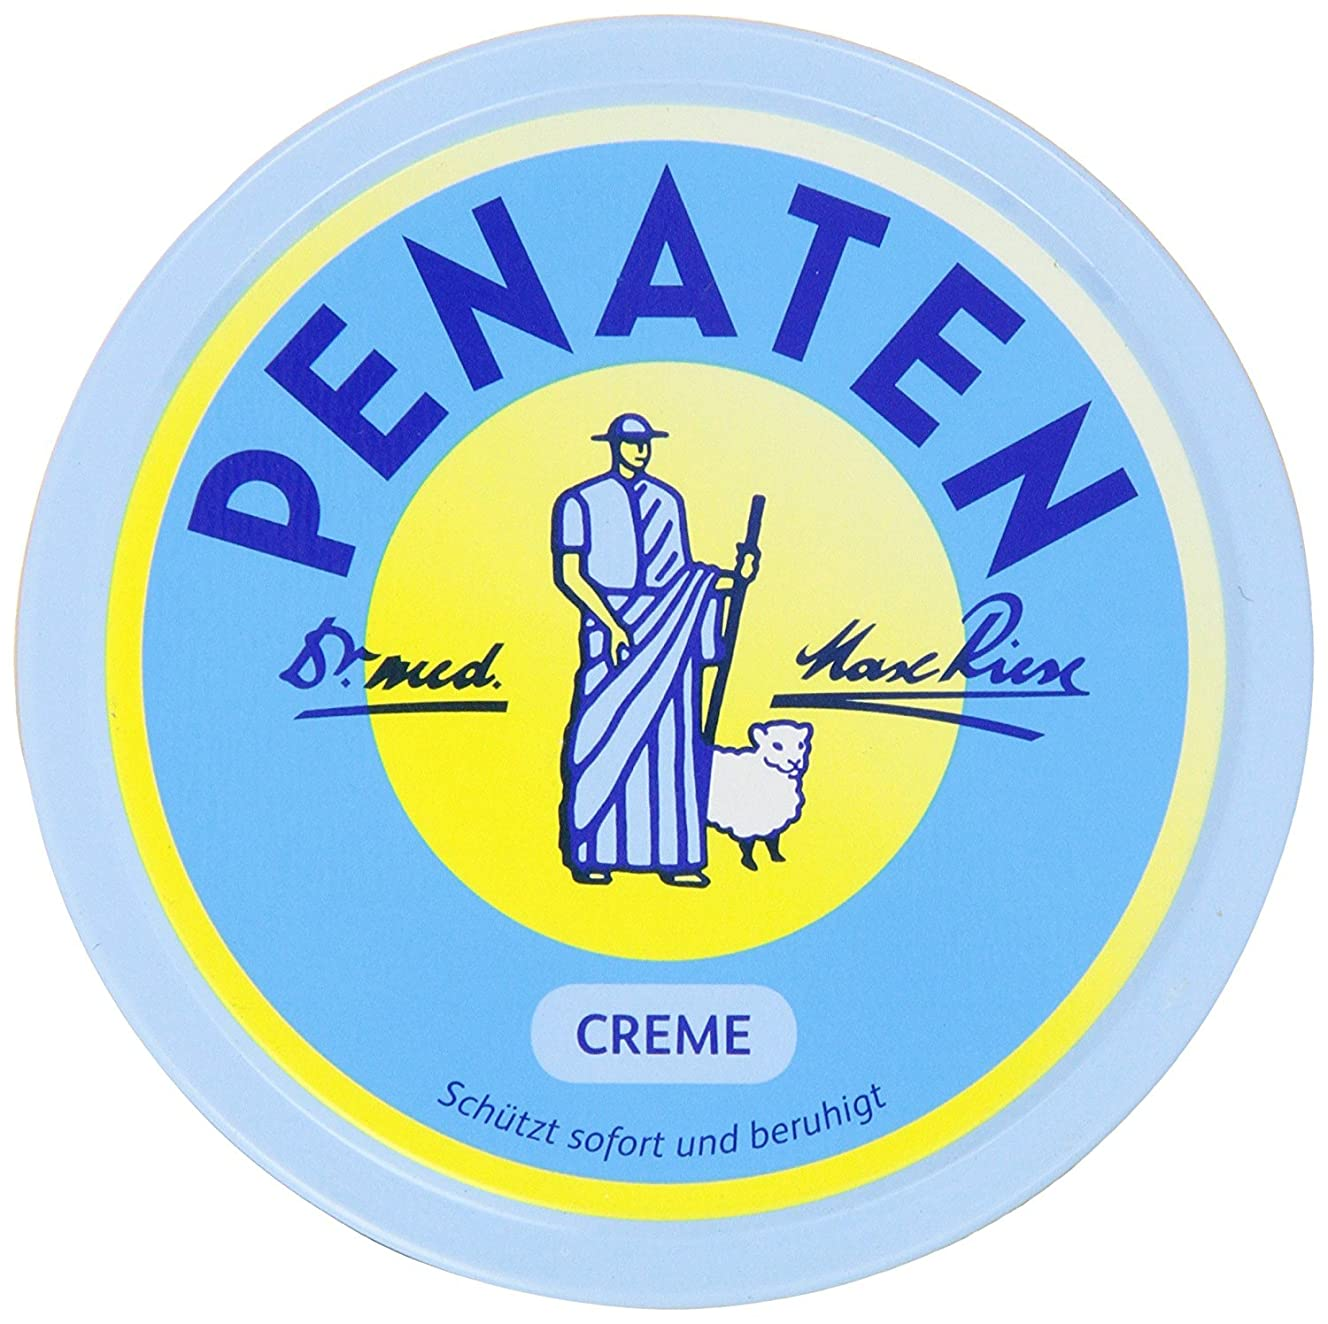 増幅器耐える玉(ペナテン) Penaten Baby Creme 150 ml, 3er Pack (3 x 150 ml) (並行輸入品) shumaman